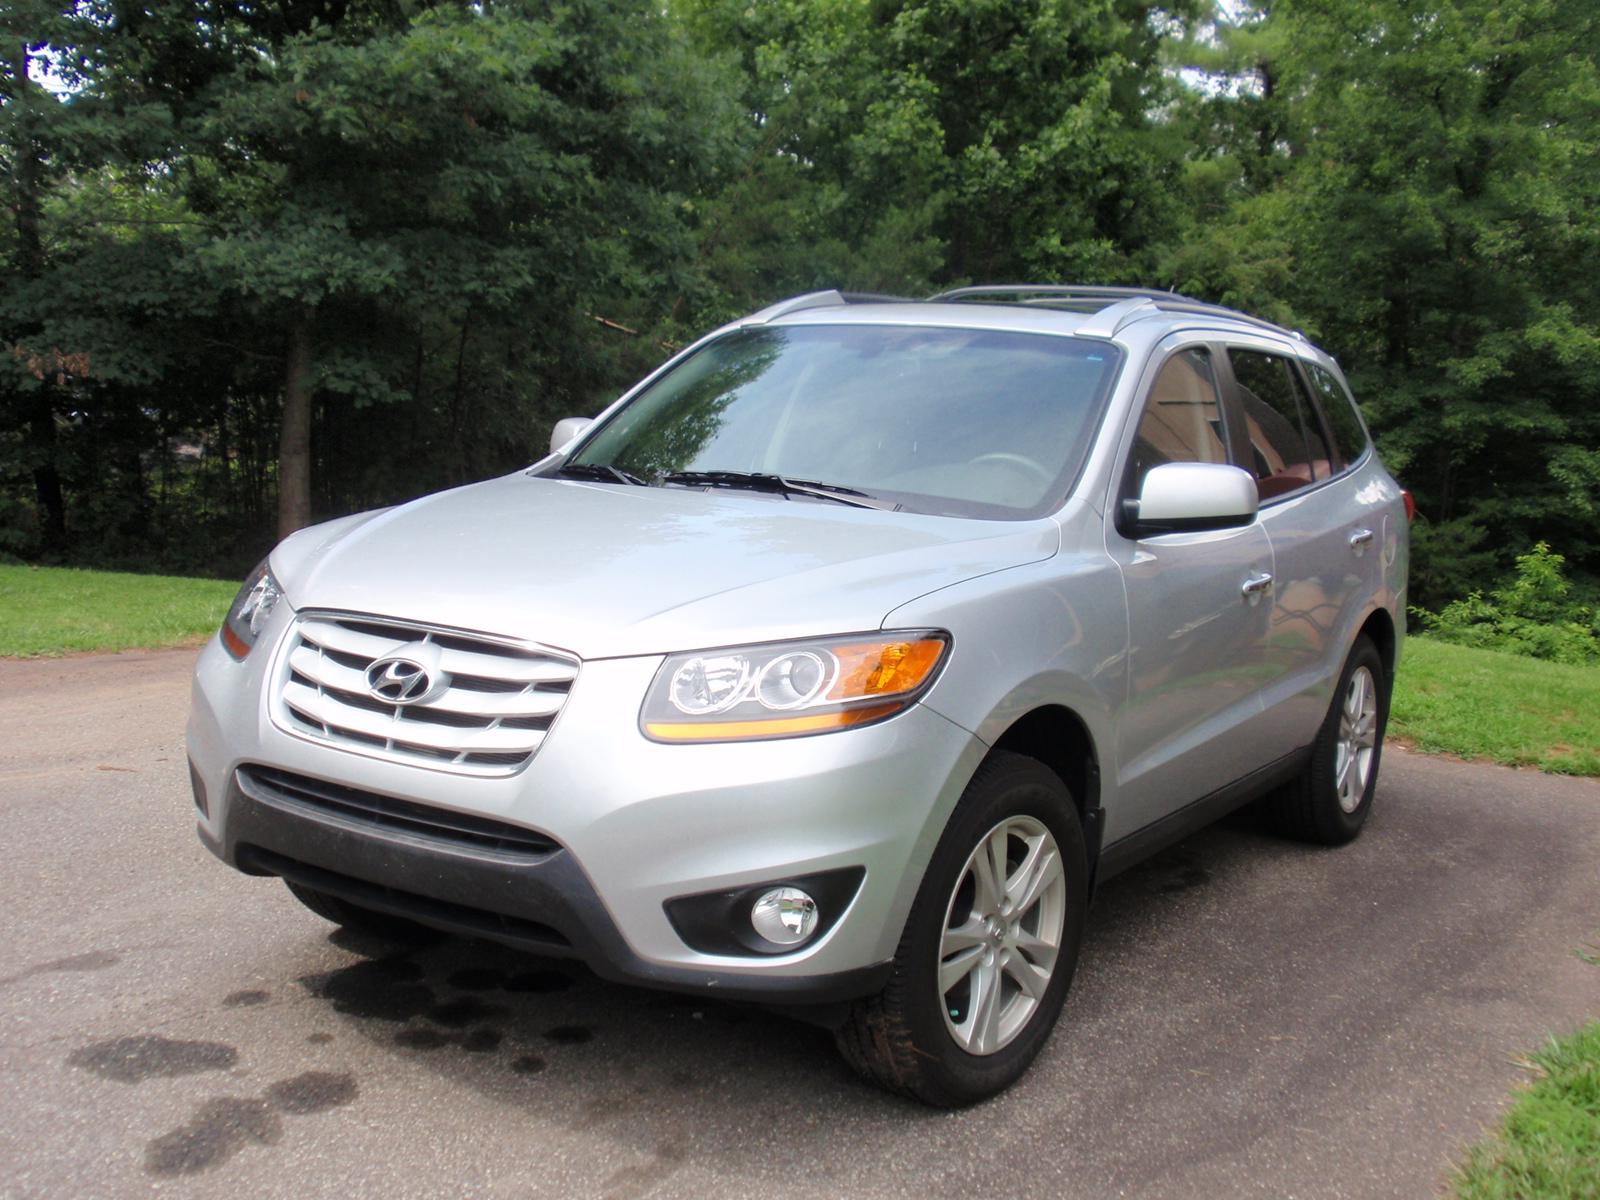 2010 Hyundai Santa Fe Pictures Cargurus